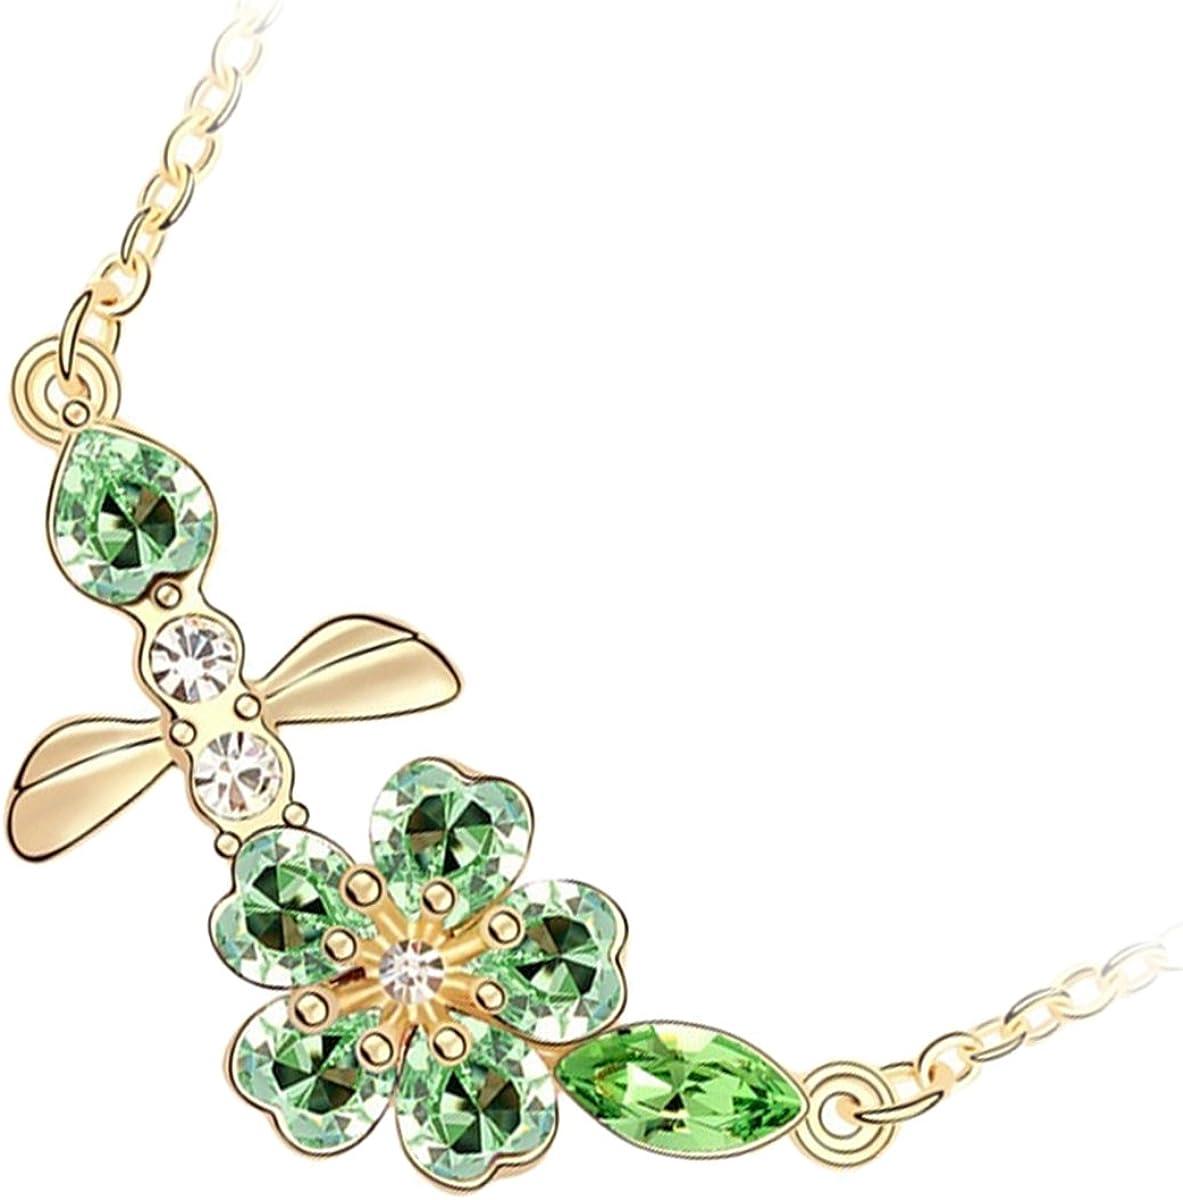 GWG Jewellery Collares Mujer Regalo Collar, con Colgante Chapado en Oro 18K Abeja y Flor de Miel Cubiertas con Piedras de Colores Diferentes para Mujeres